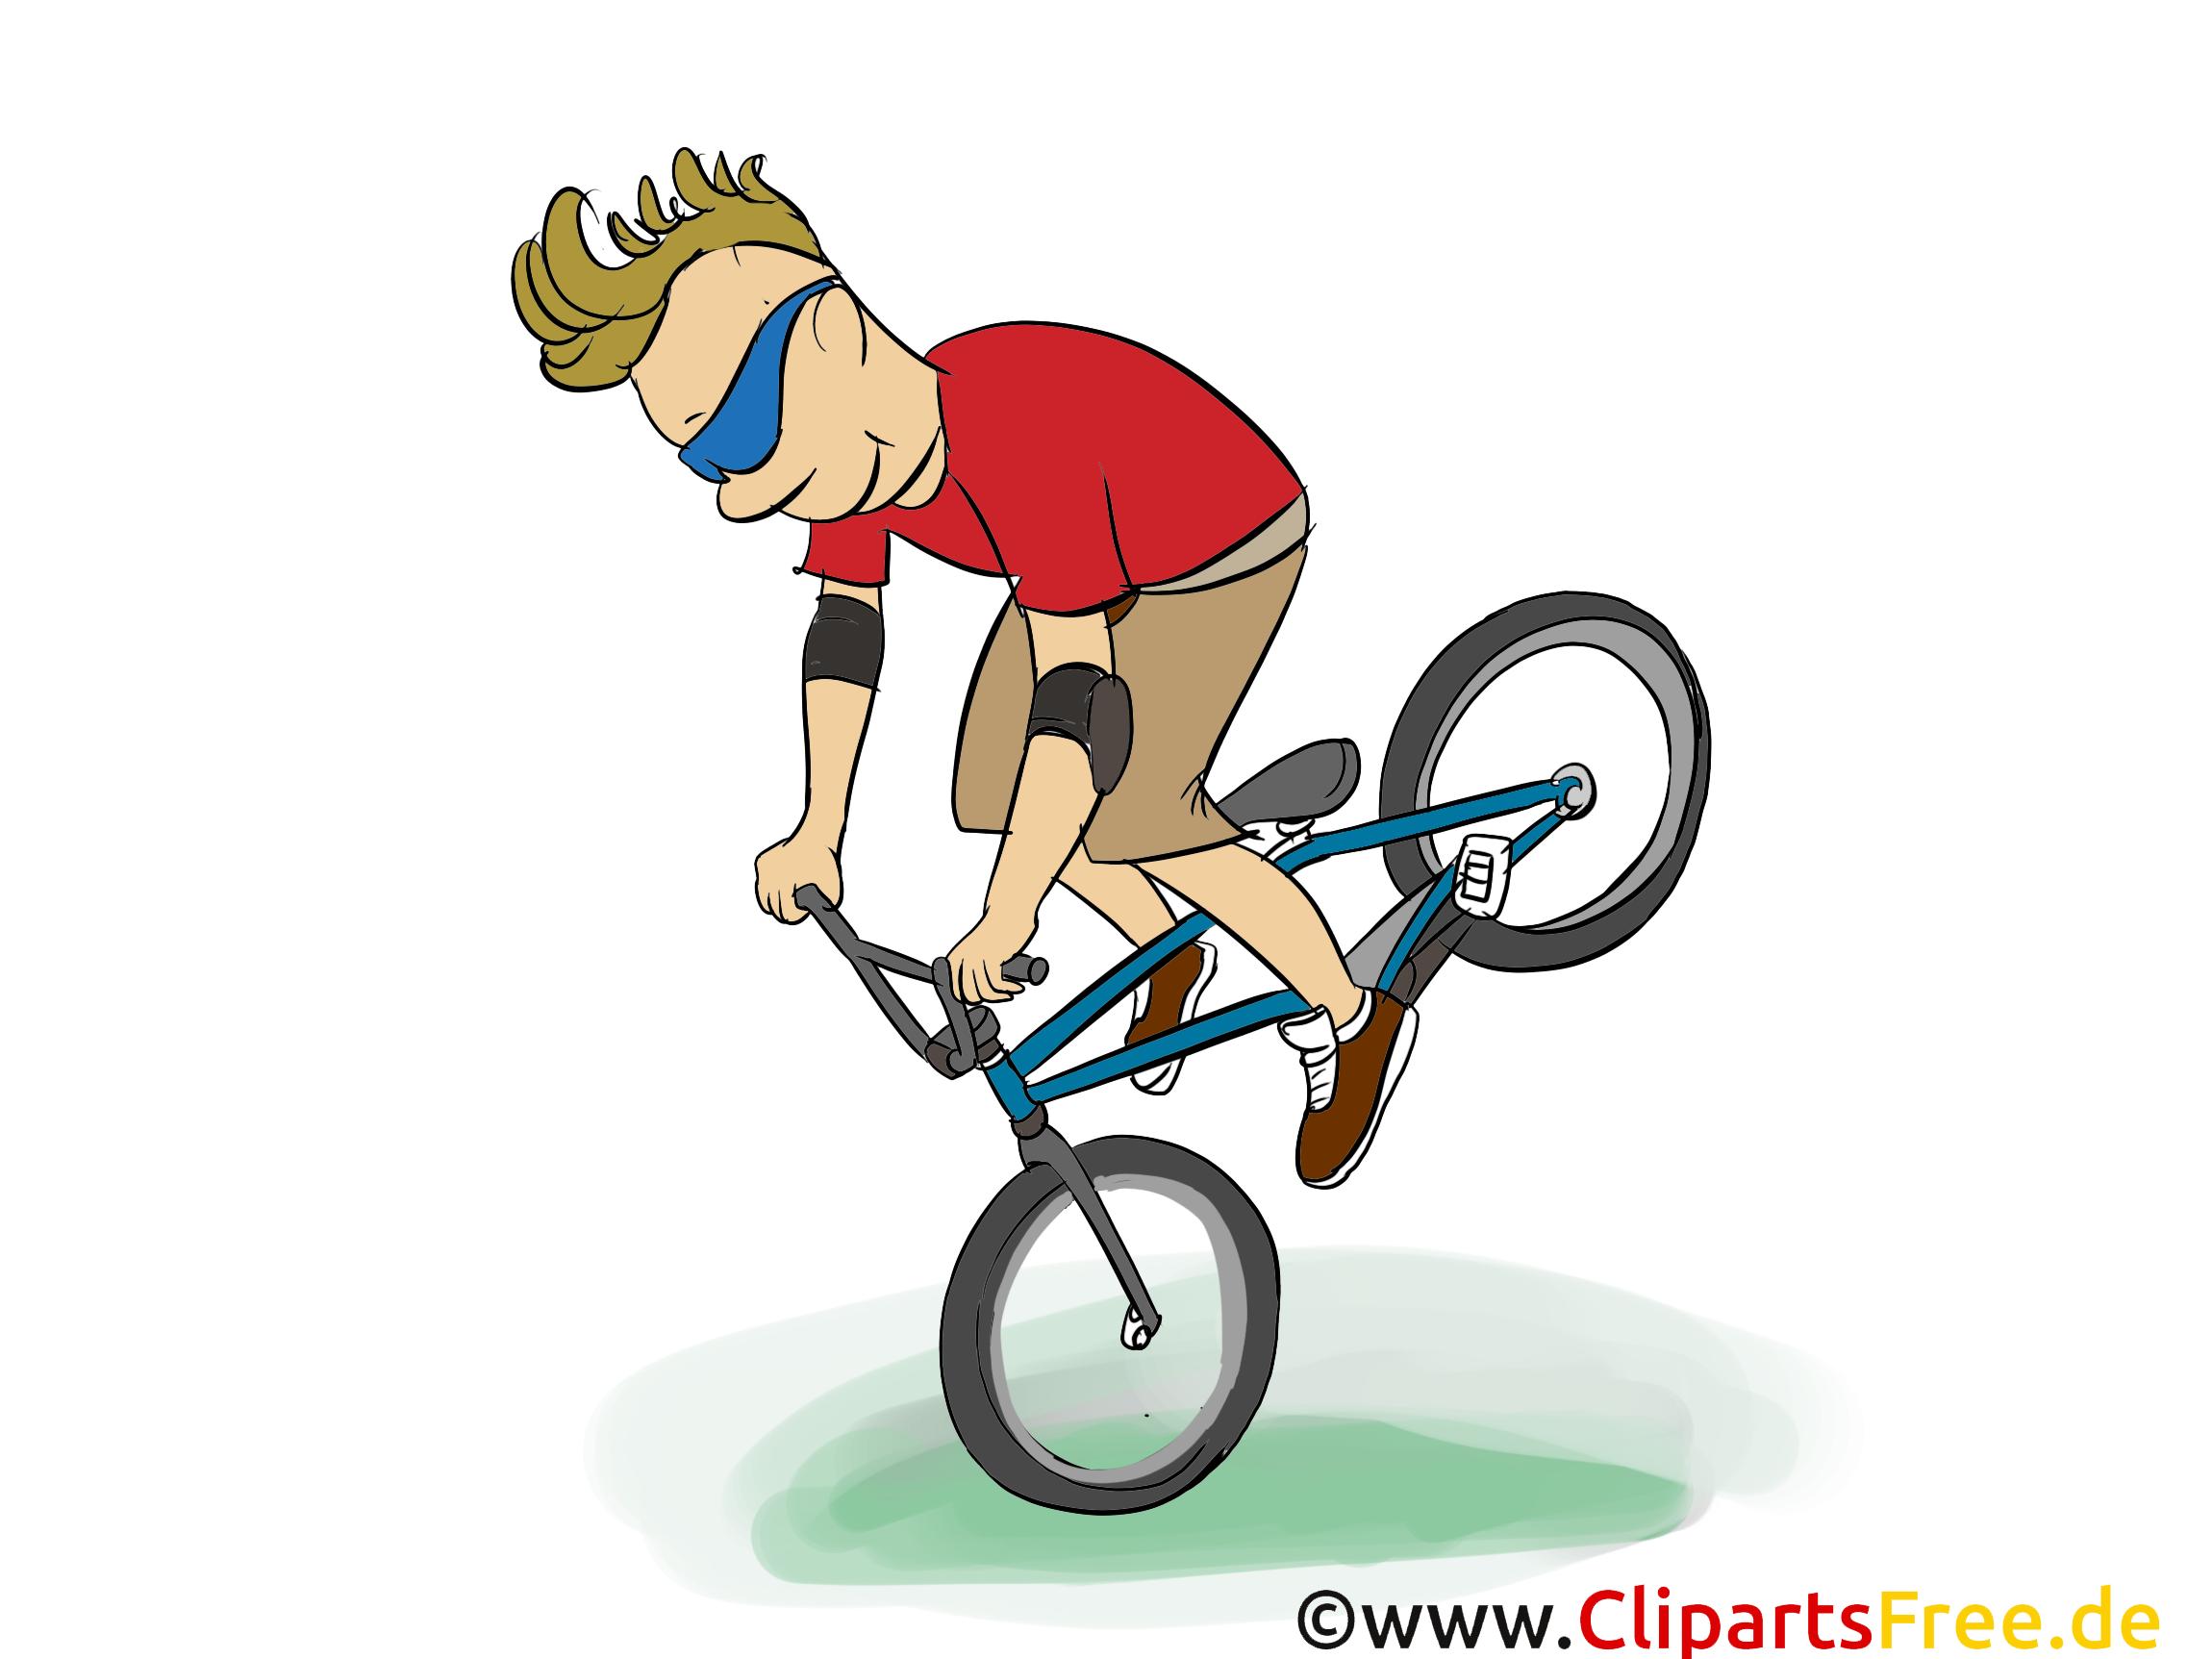 Vélo de montagne illustration à télécharger gratuite